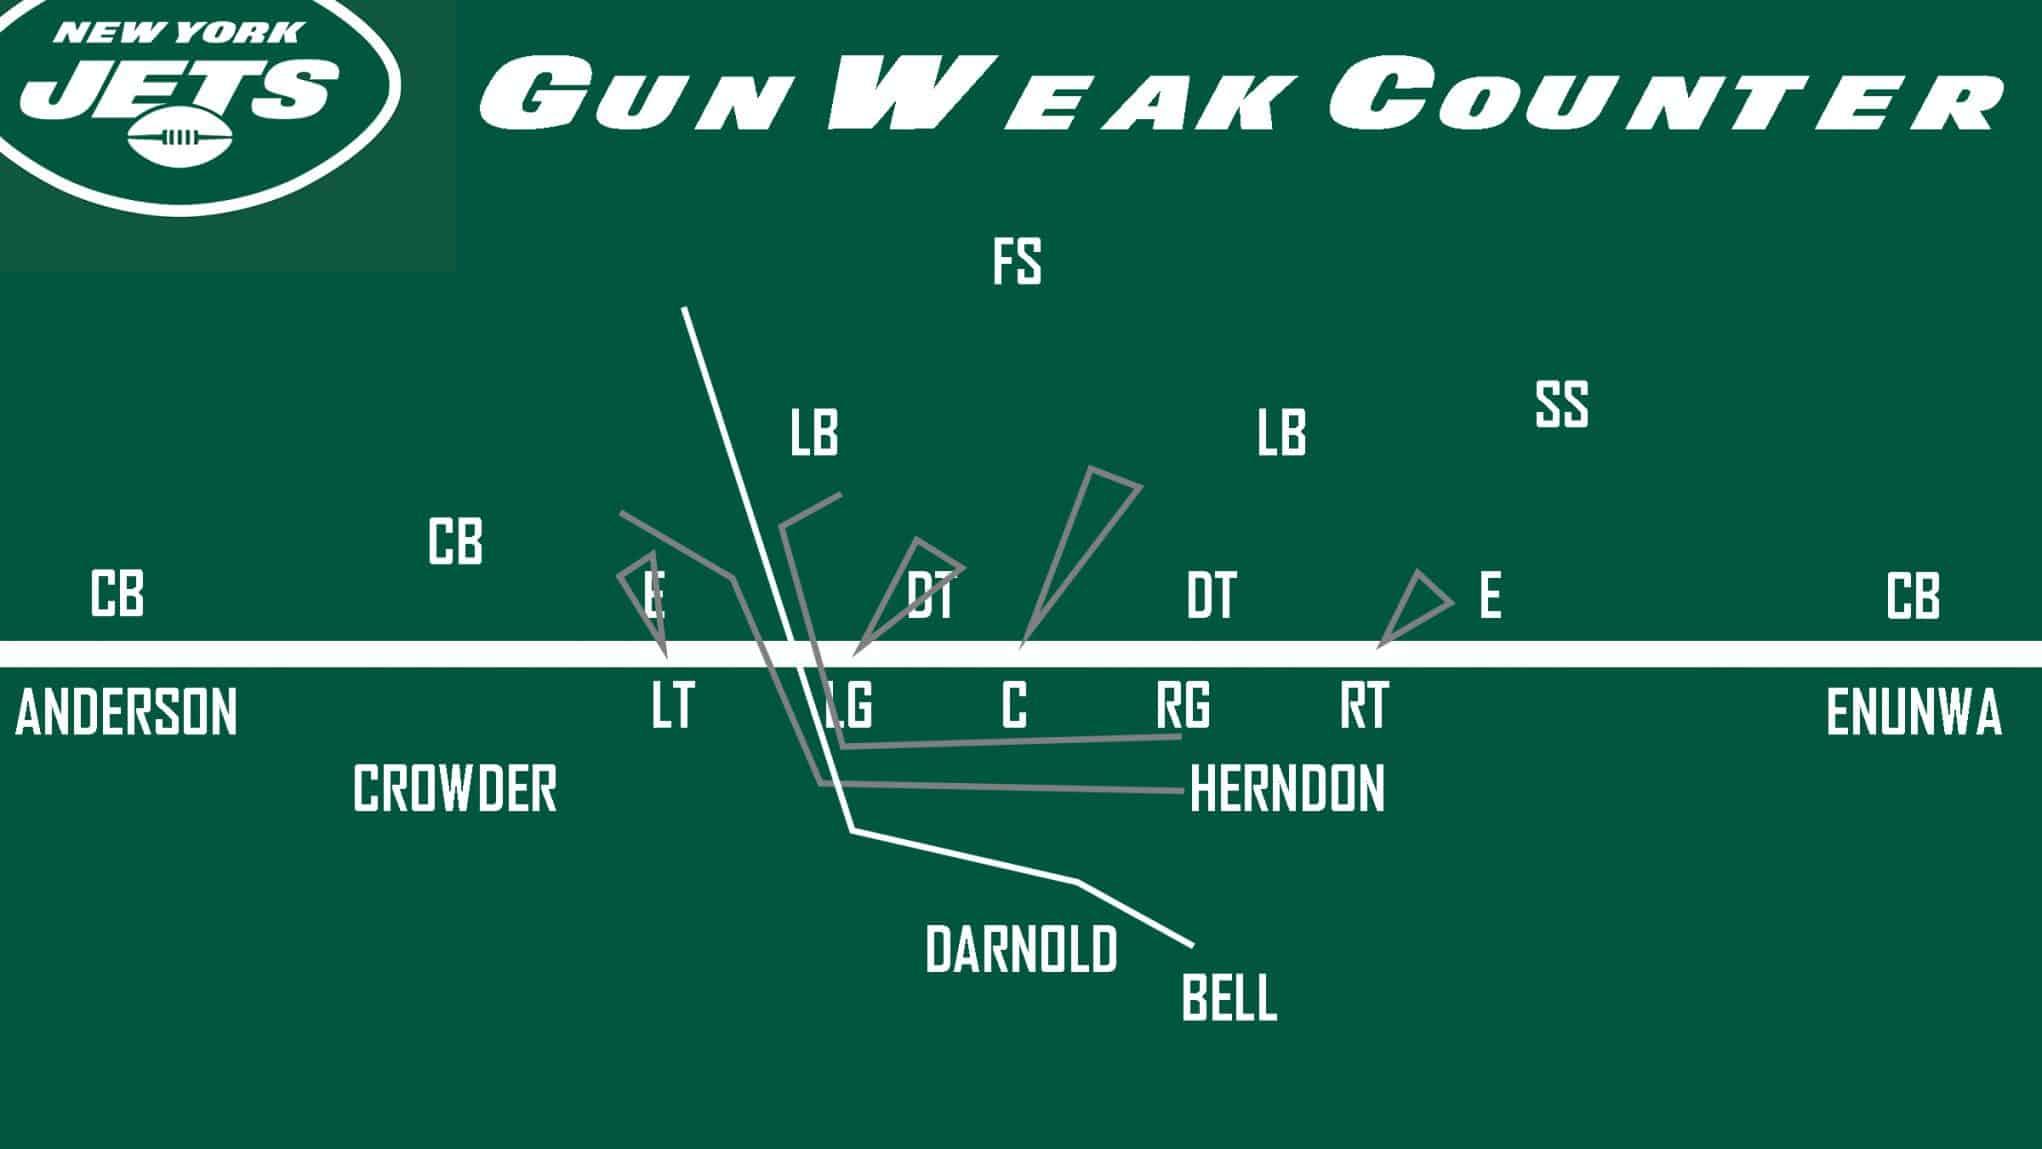 Jets Gun Weak Counter